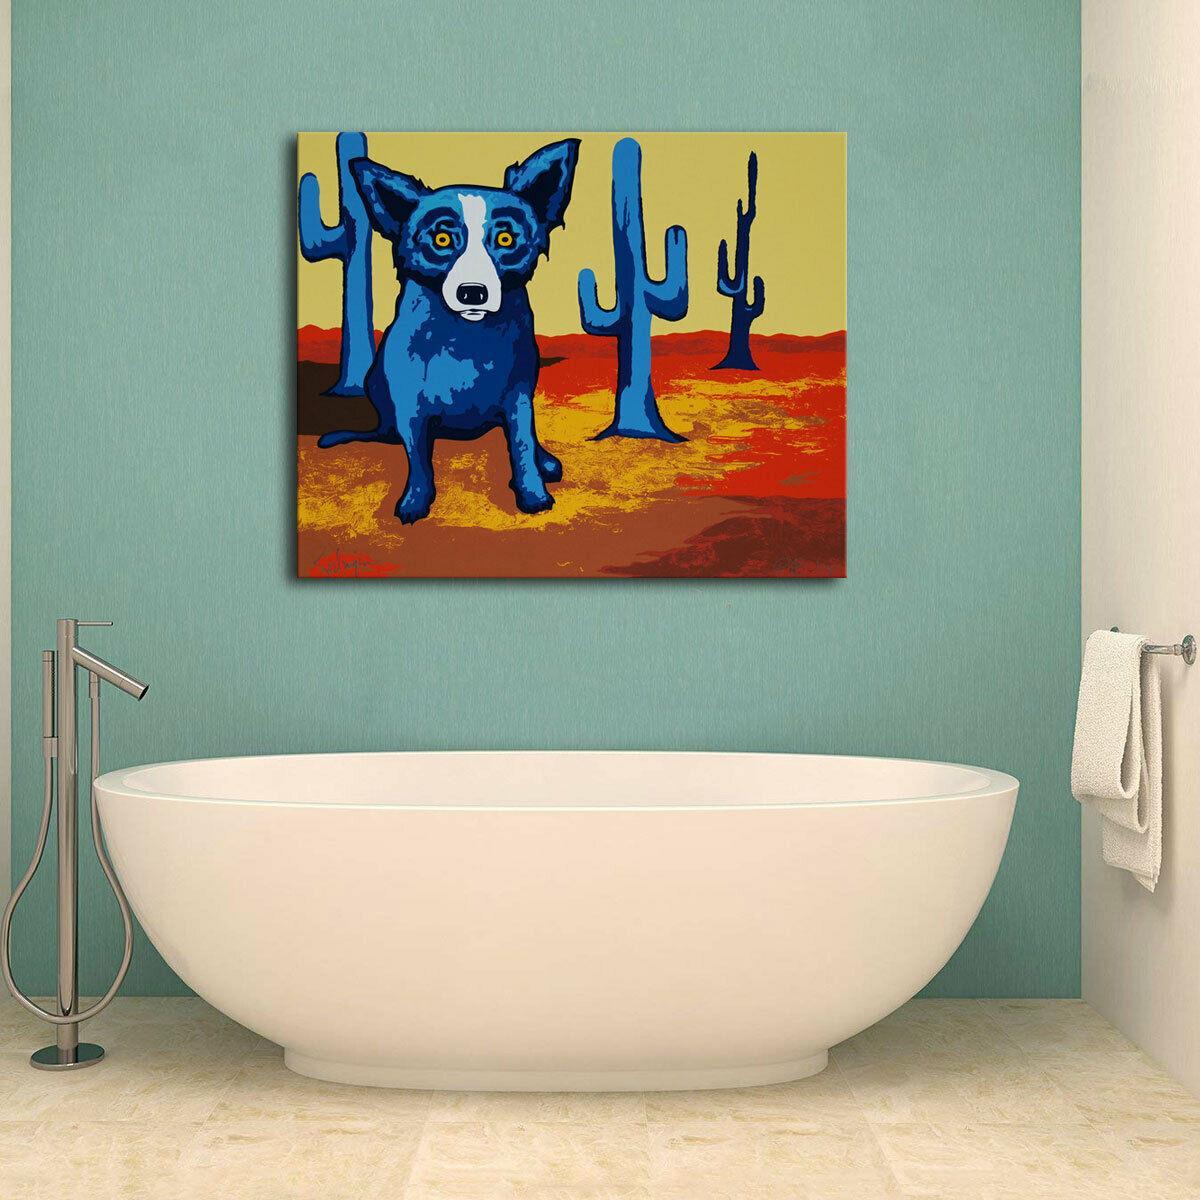 Riesige Ölgemälde auf Leinwand Home Decor Handcrafts / HD Print Wandkunstbilder Anpassung ist akzeptabel 21050317